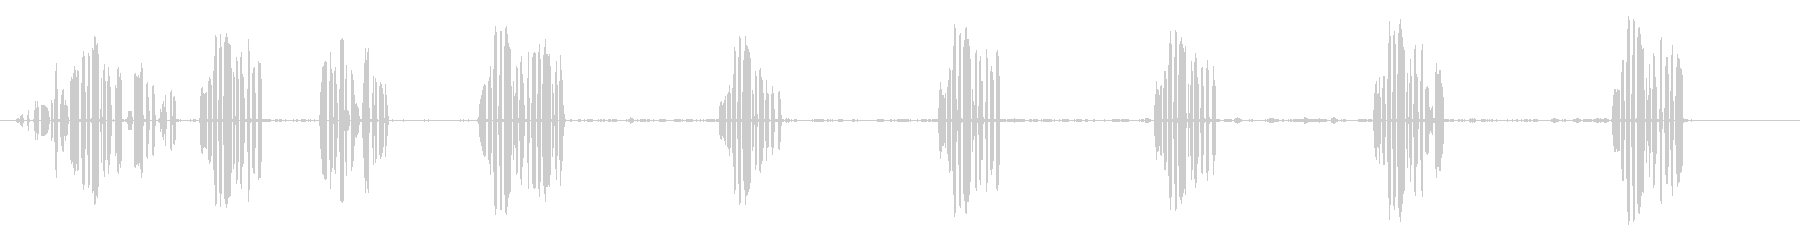 ウグイス3の未再生の波形